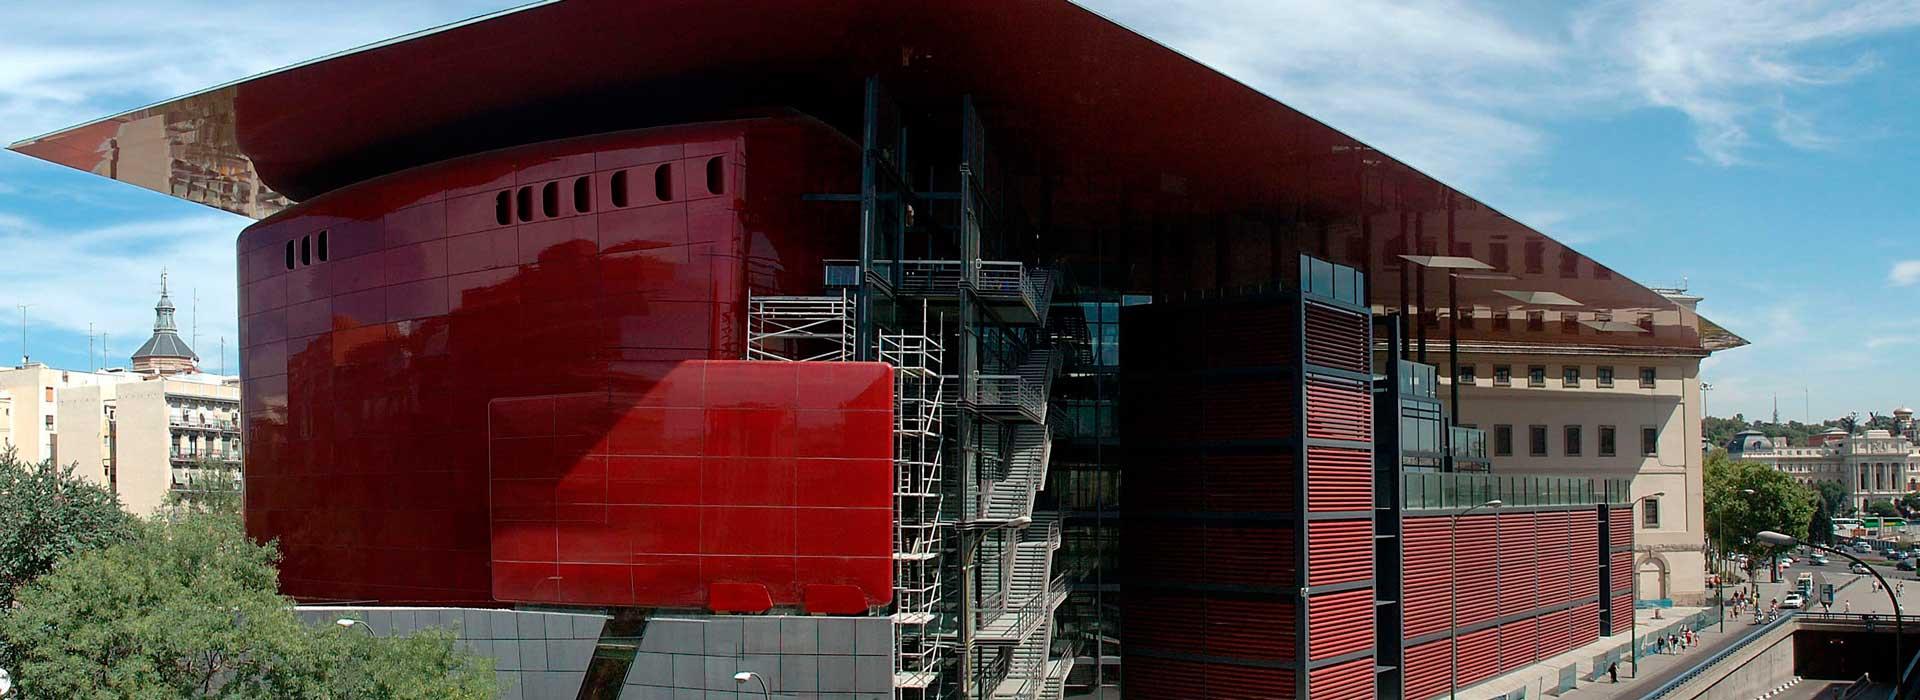 Museo Reina Sofía. Edificio Nouvel